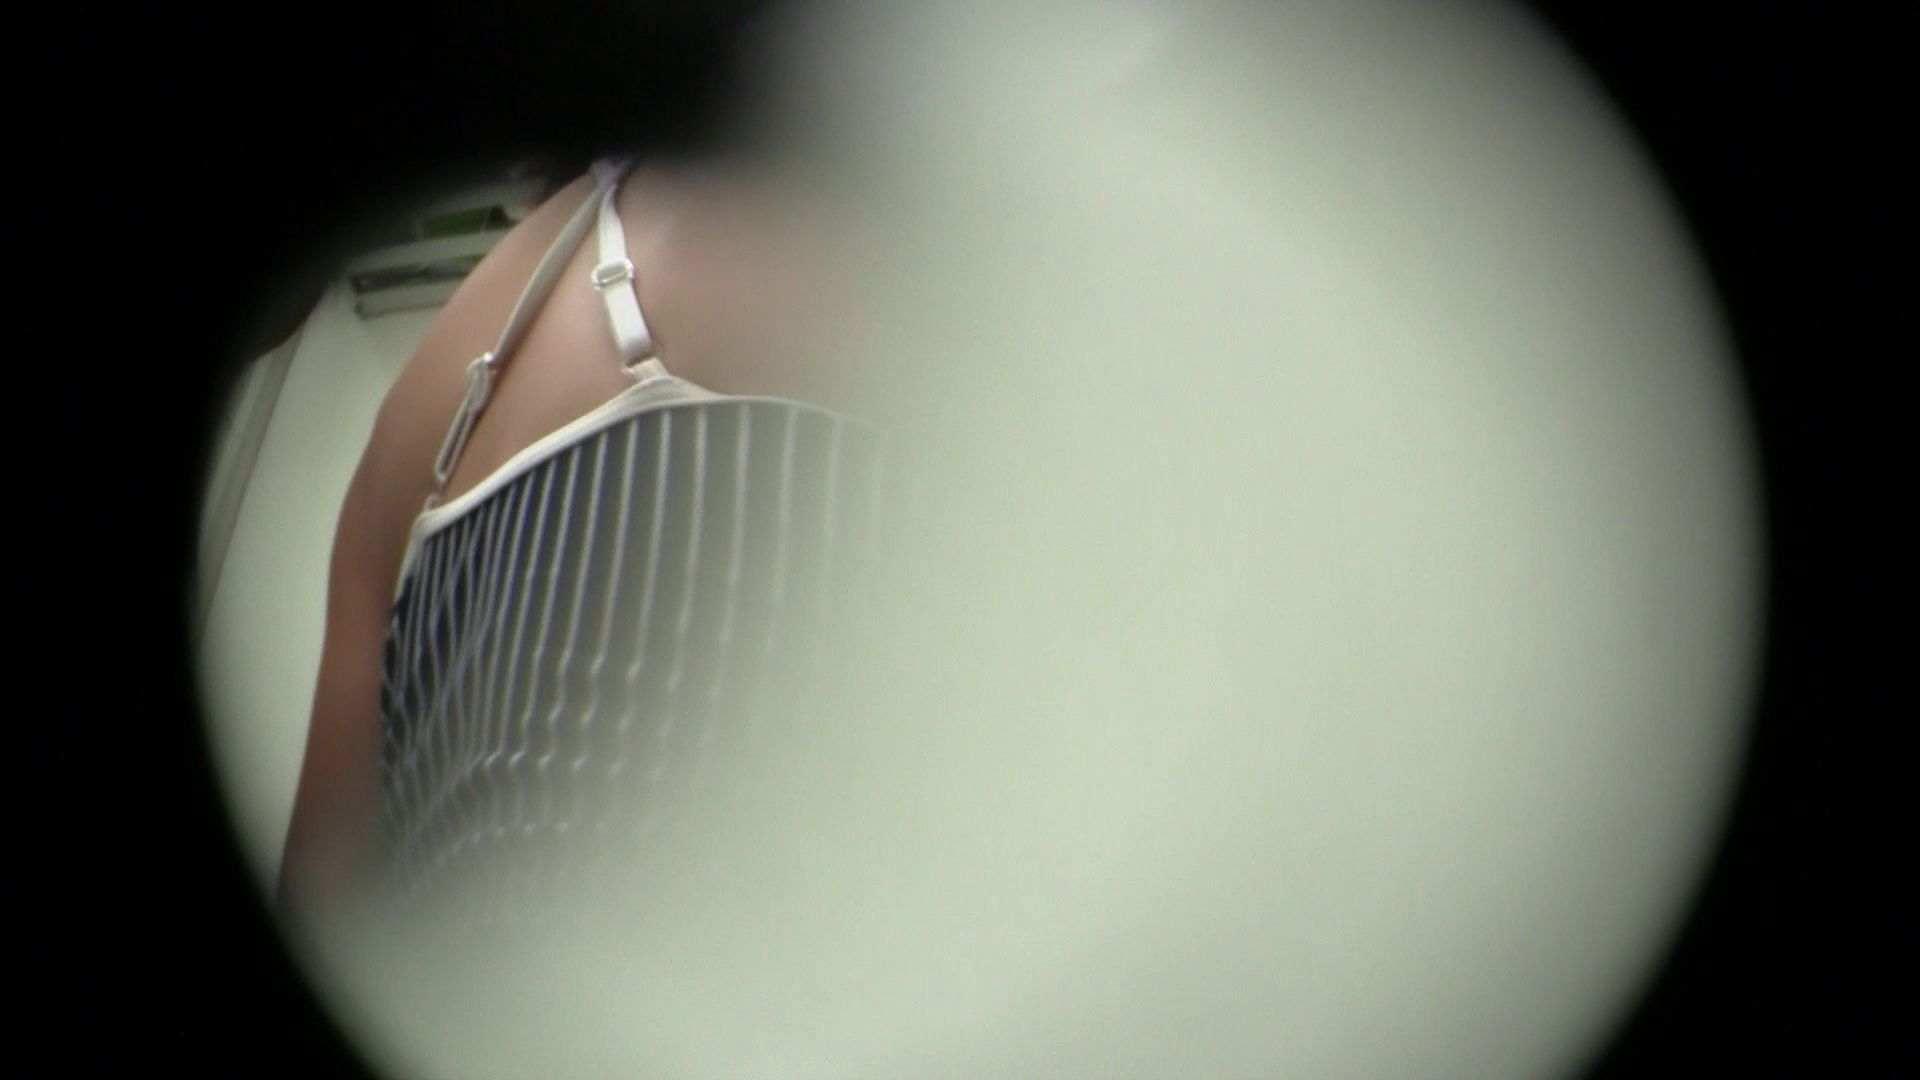 NO.43 乳首の先がチラ 背中でイメージして下さい チラ 女性器鑑賞 99pic 2